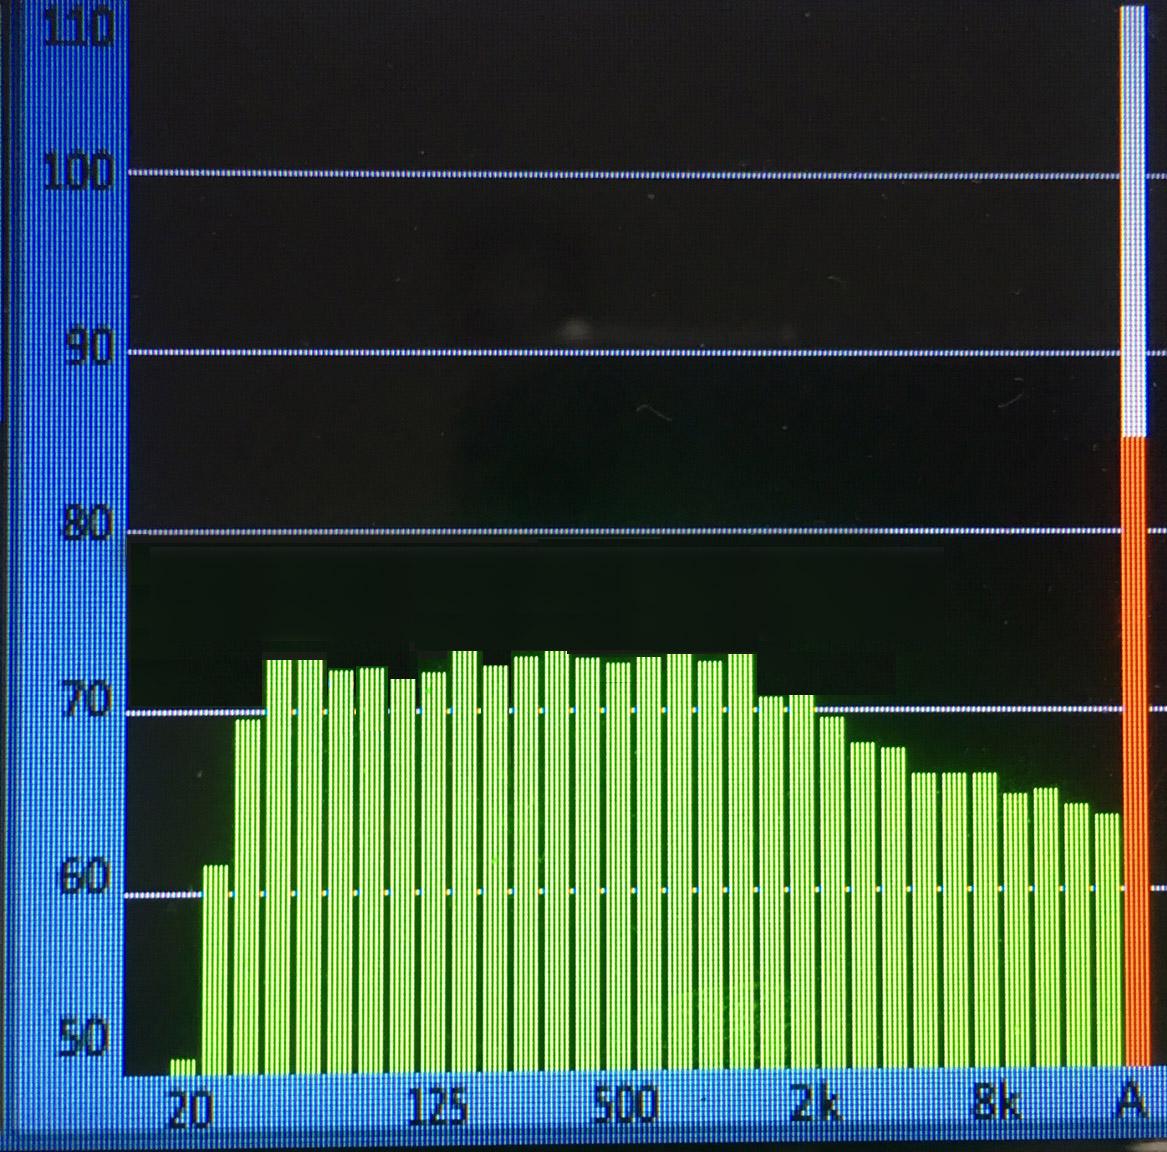 オーディオ スペクトラム